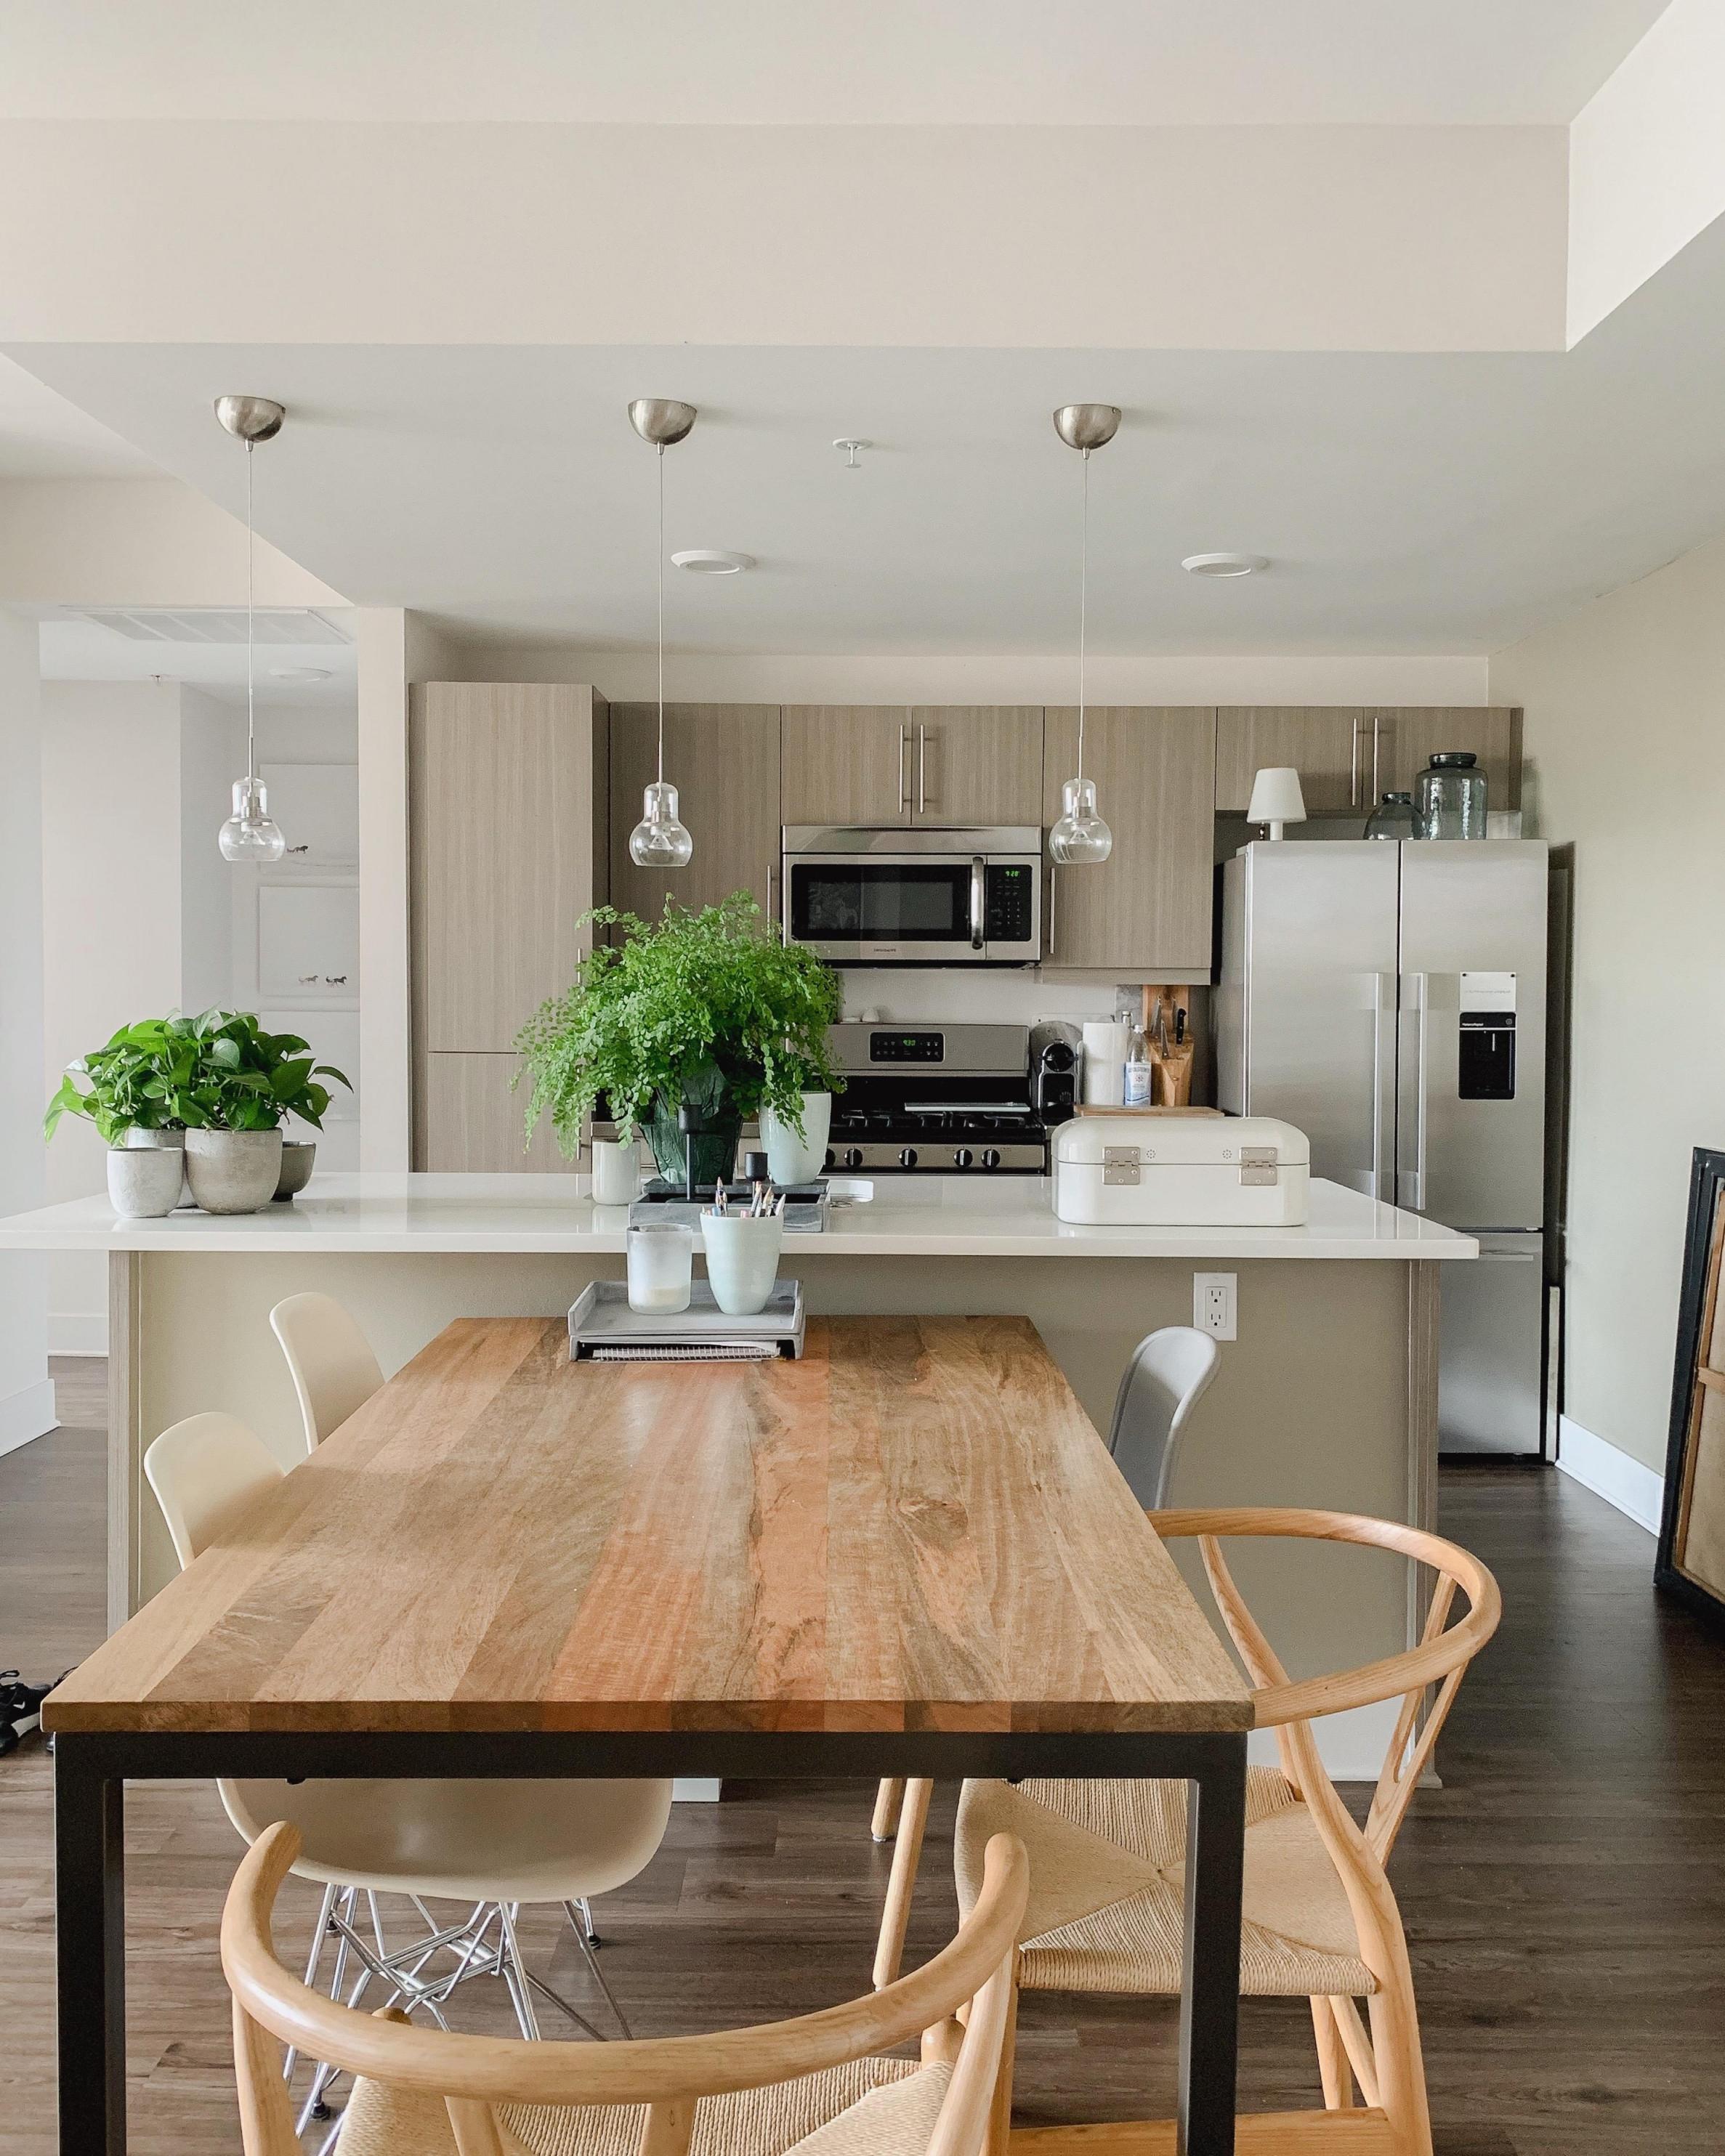 Offene Kücheideen So Schön Können Wohnküchen Sein von Offenes Wohnzimmer Einrichten Photo